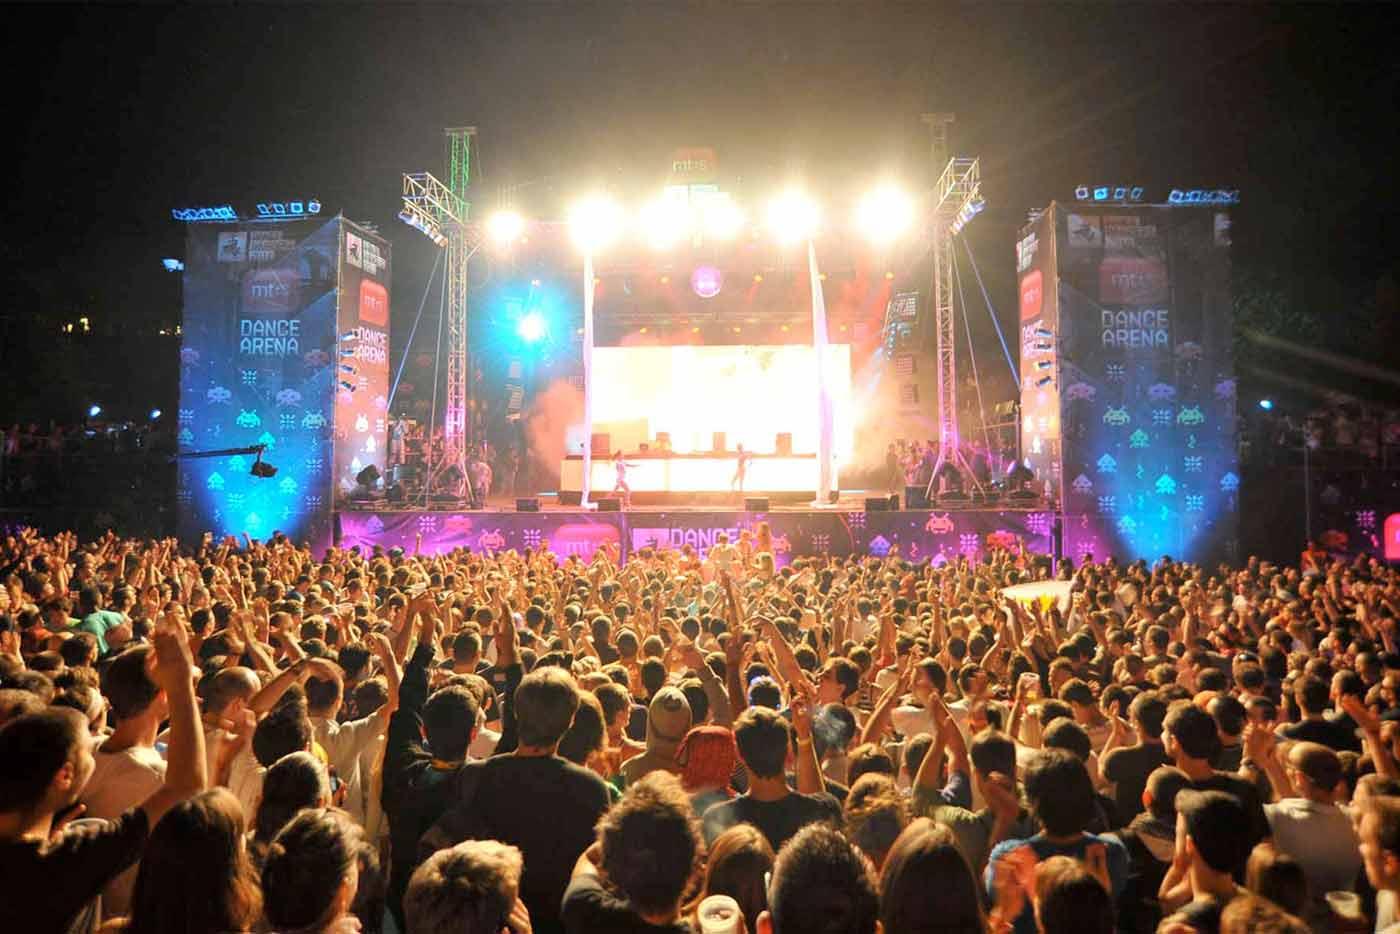 Lollapalooza desembarca en Europa